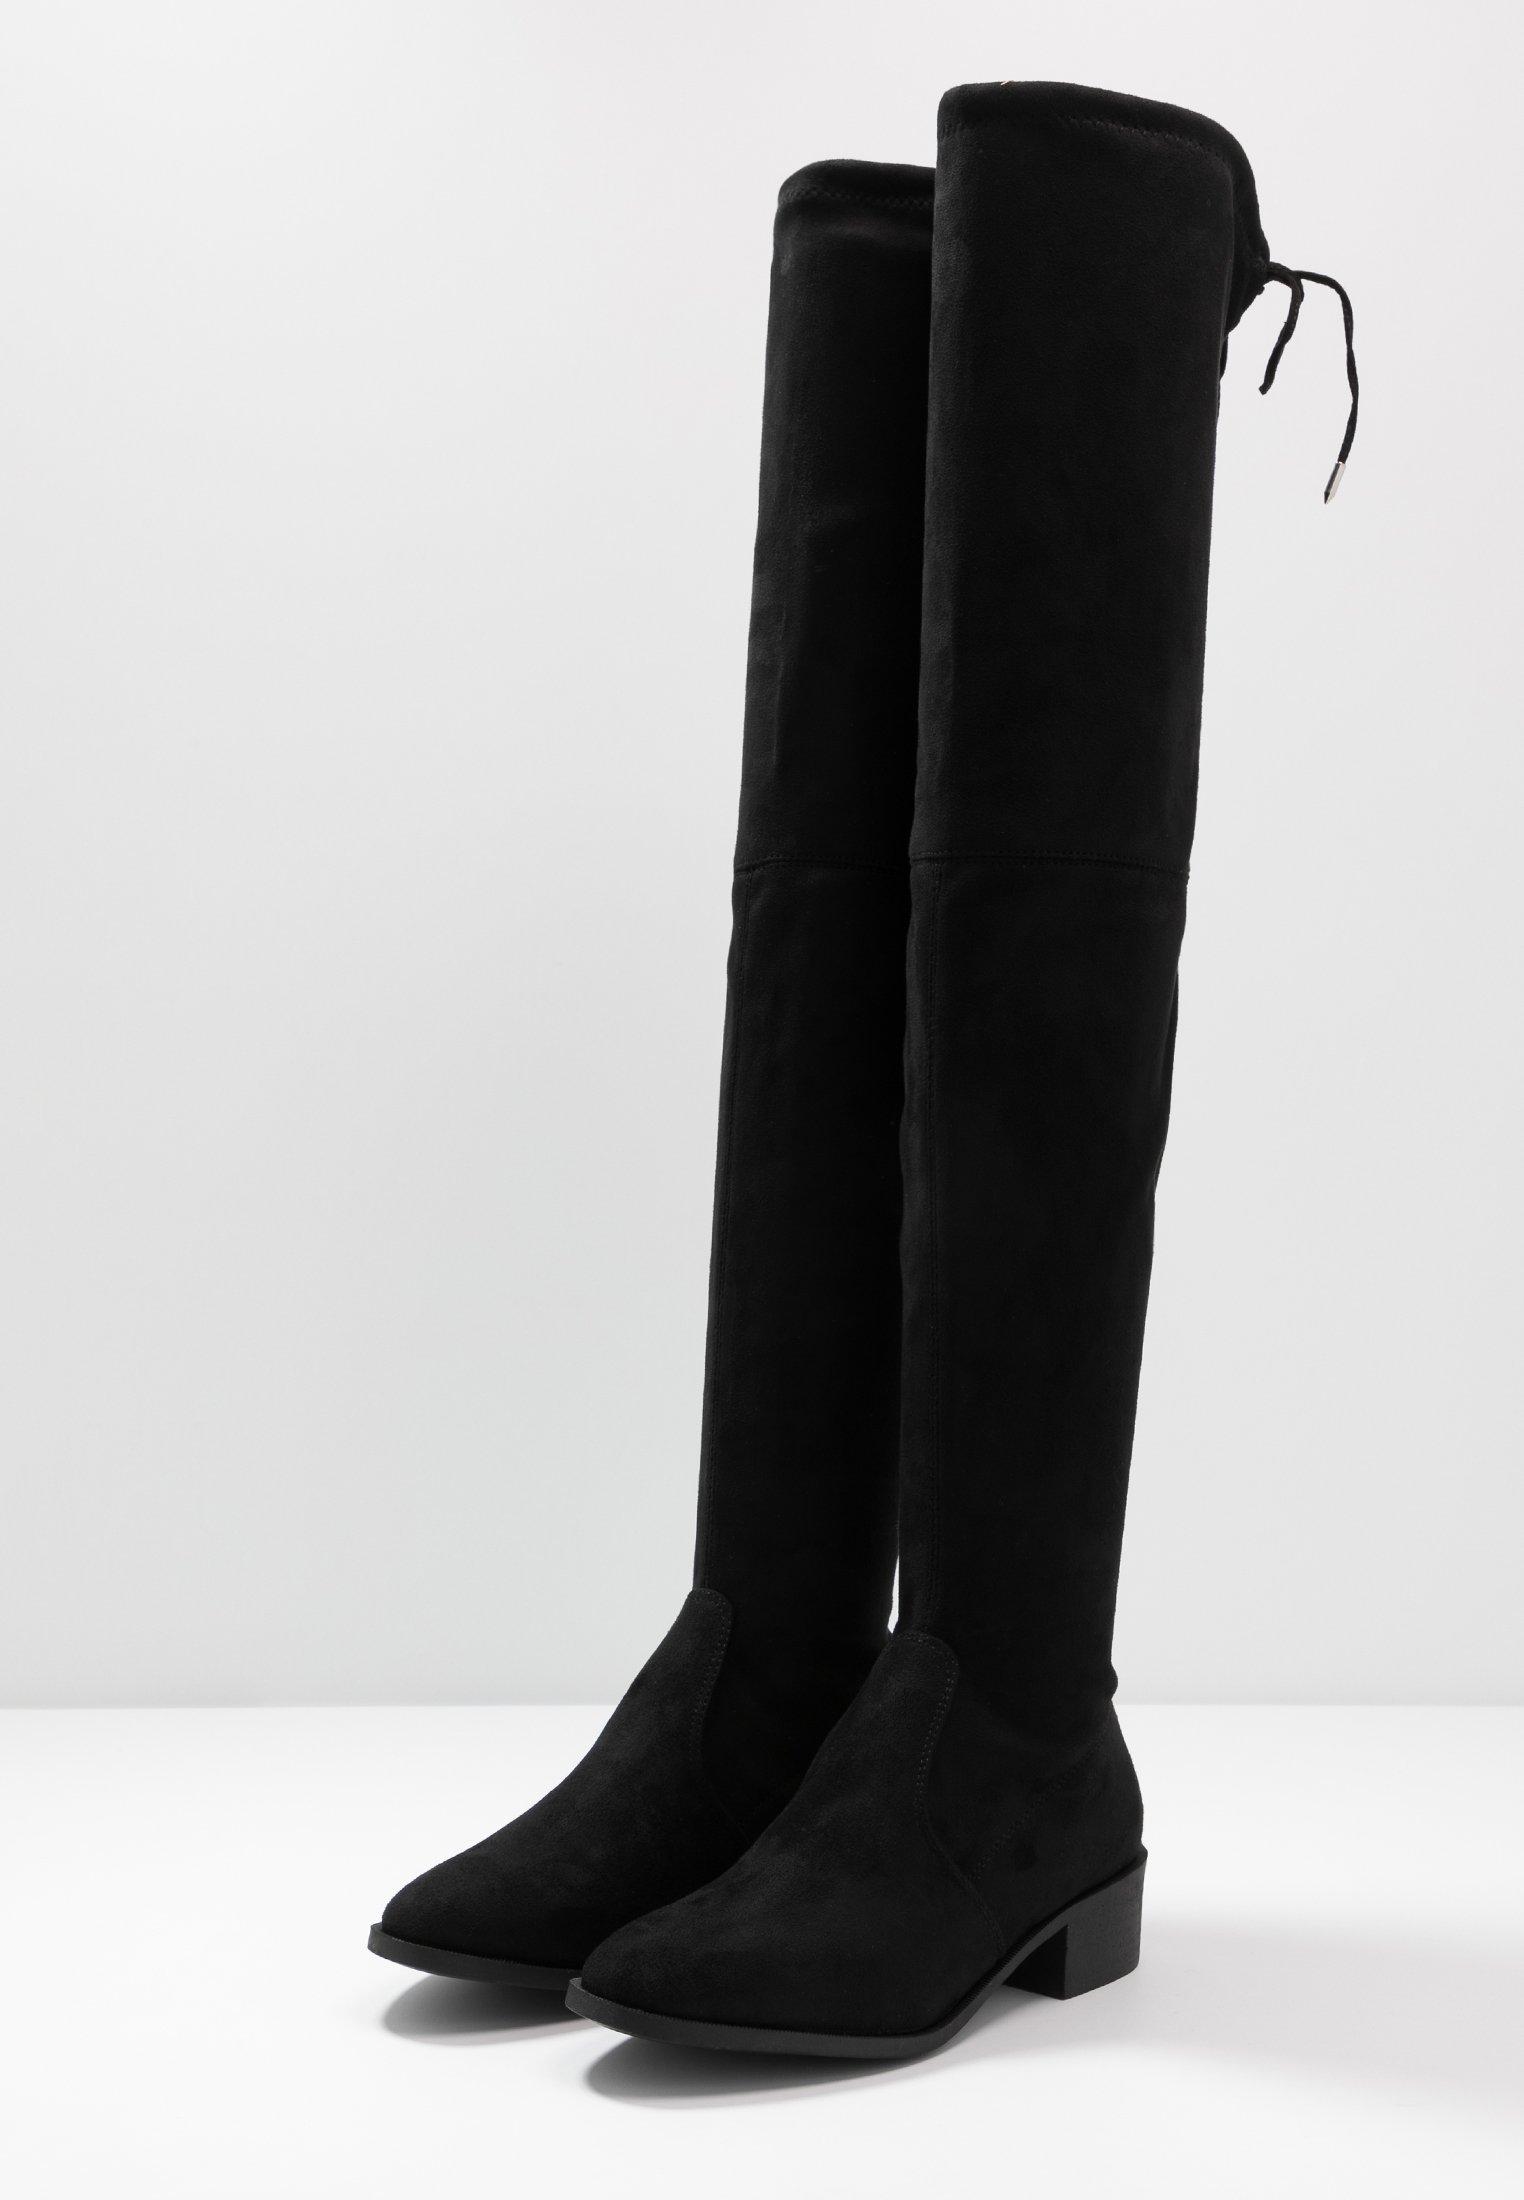 TRALLALA TIE BACK LONG STRETCH BOOT Overknee laarzen black